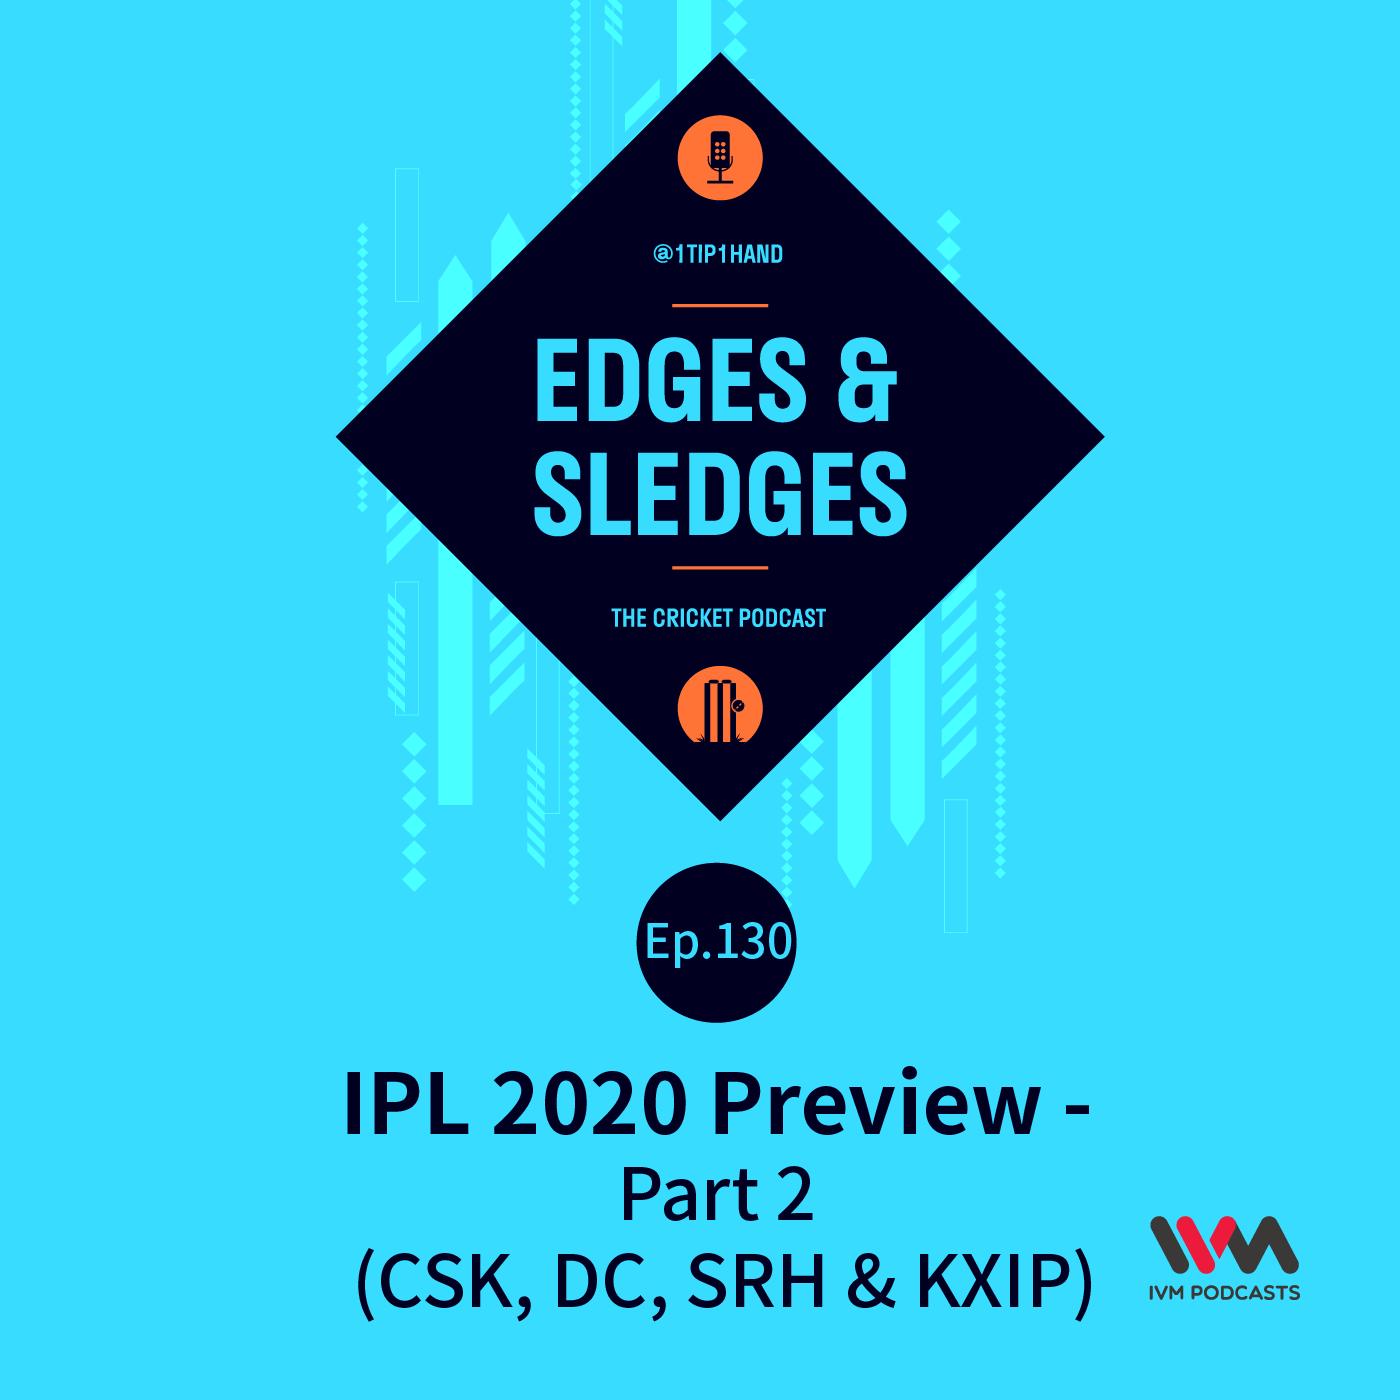 Ep. 130: IPL 2020 Preview - Part 2 (CSK, DC, SRH & KXIP)